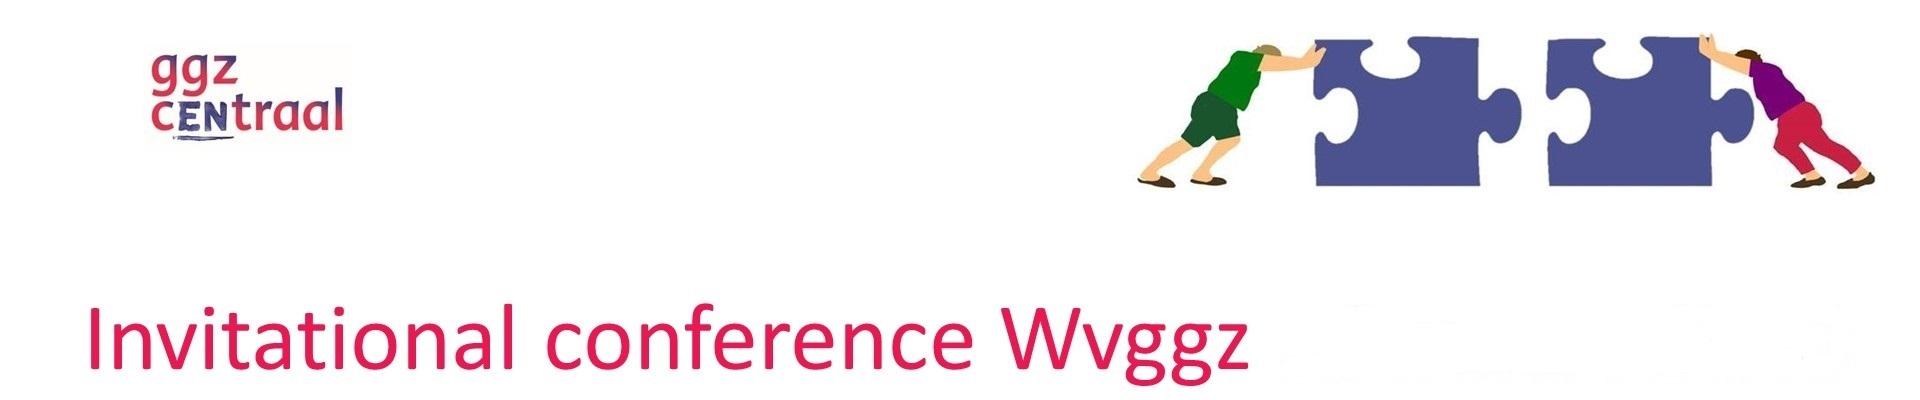 Invitational conference Wvggz 9 juni